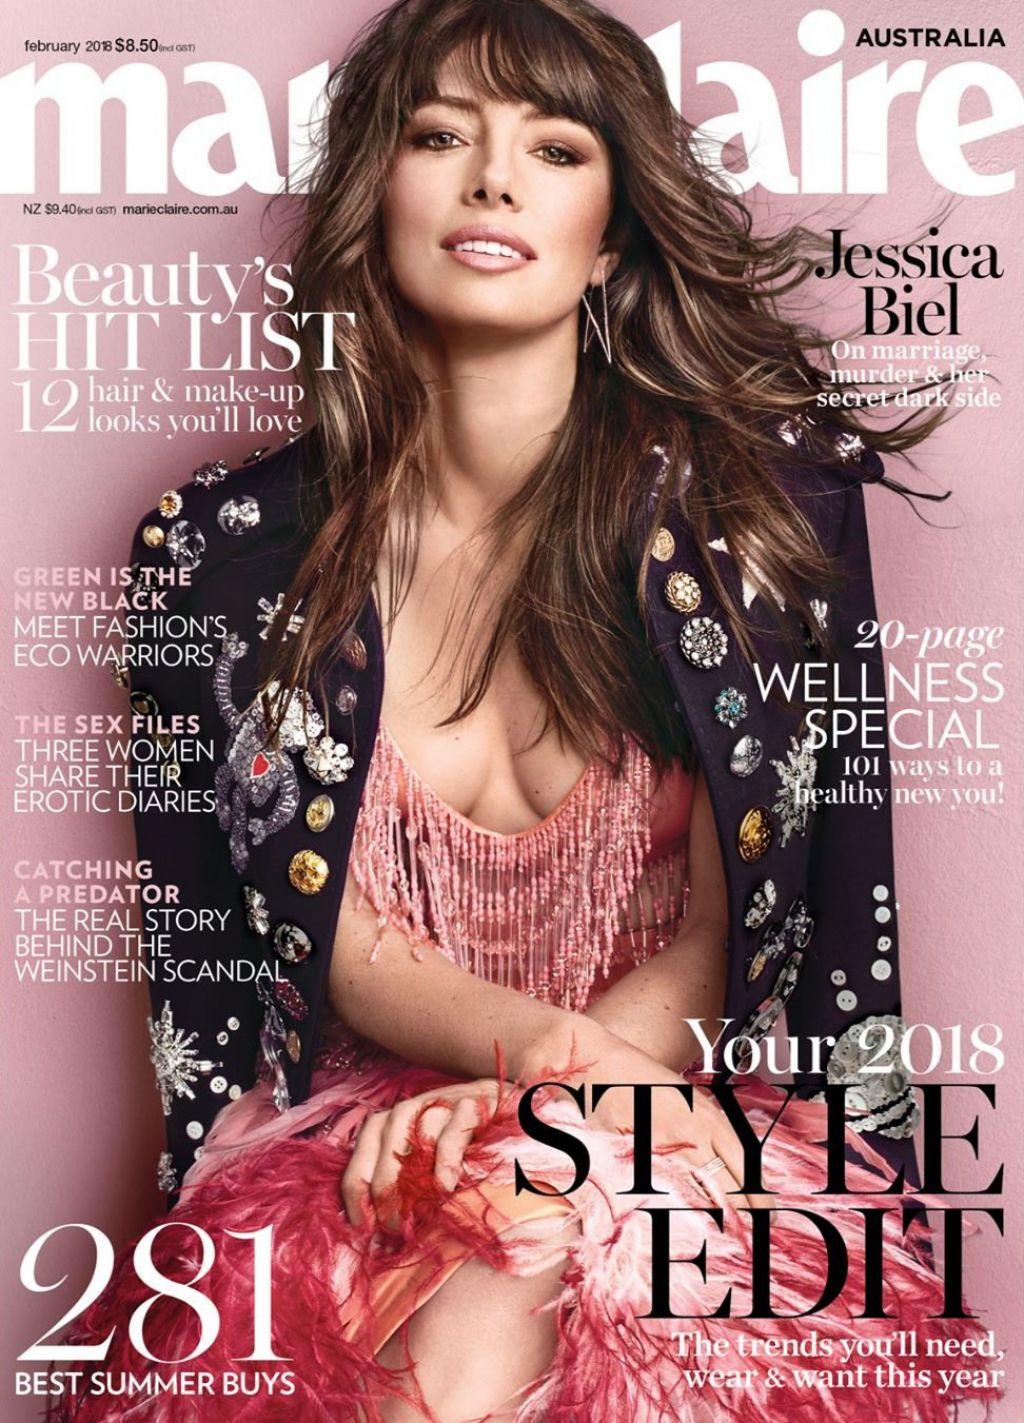 http://celebmafia.com/wp-content/uploads/2017/12/jessica-biel-marie-claire-australia-february-2018-0.jpg